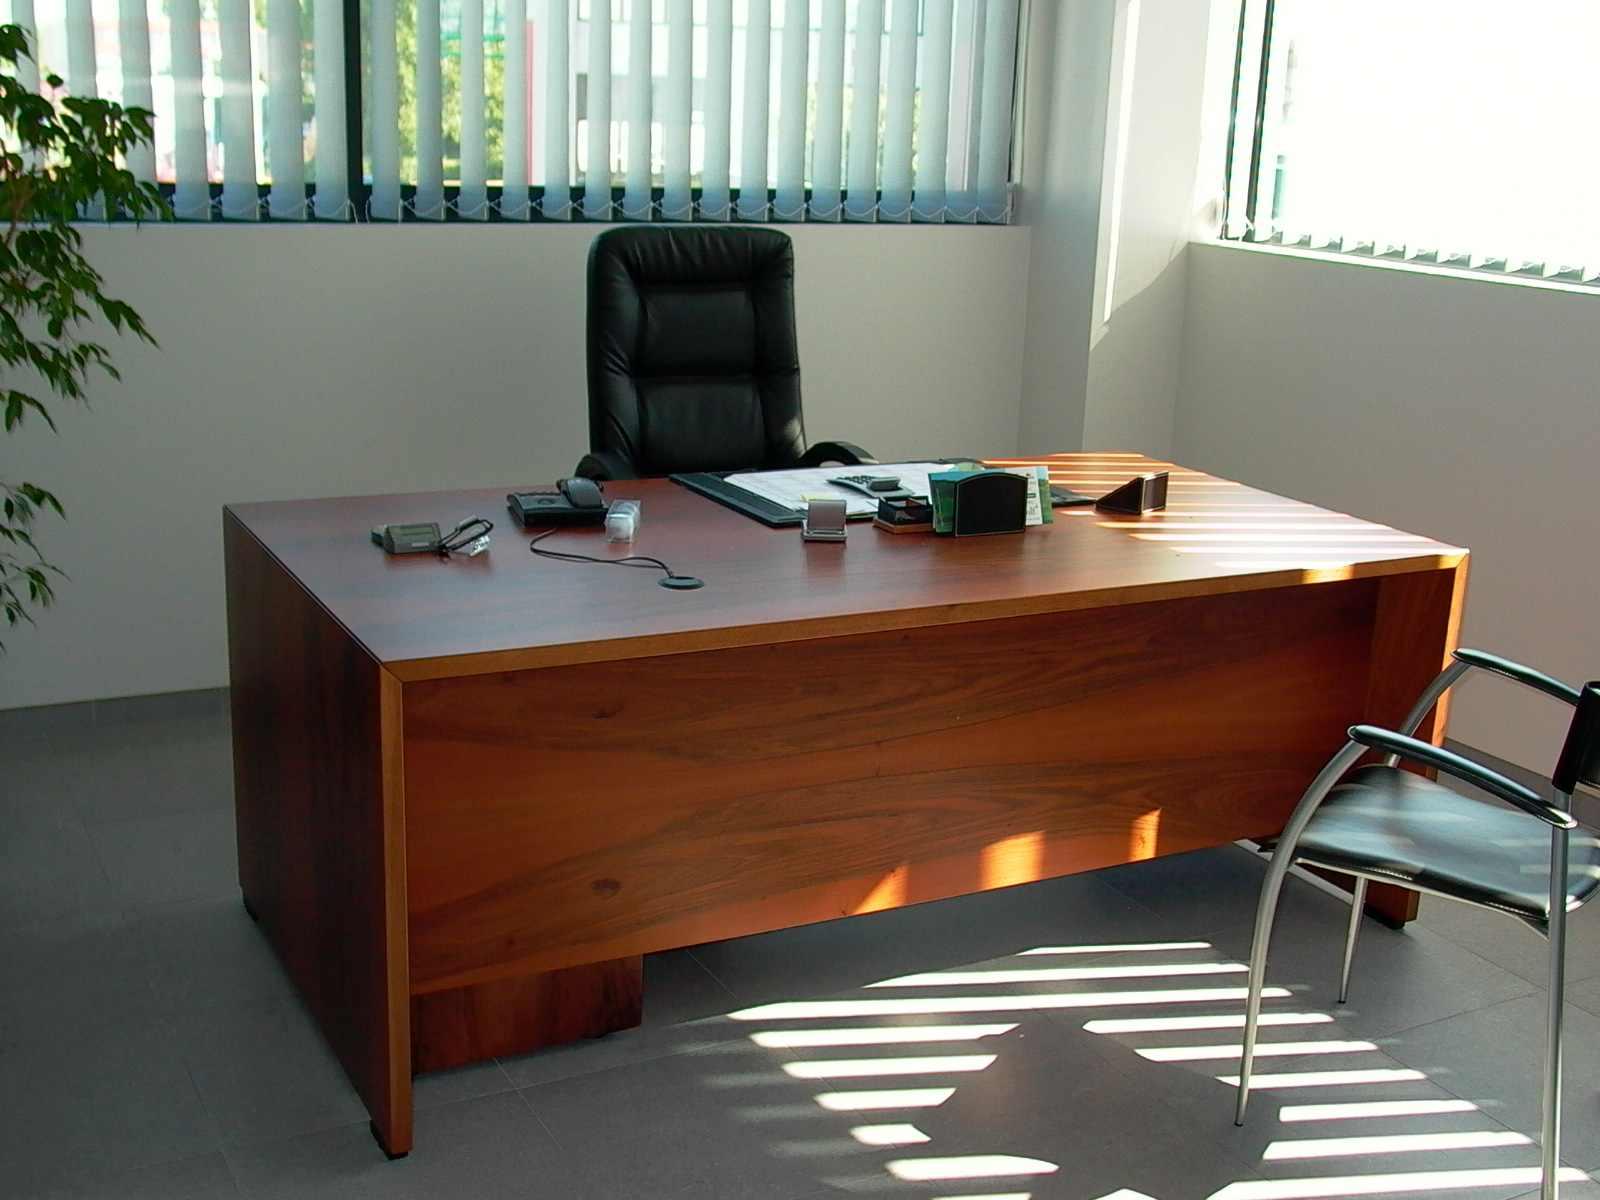 Telefono da scrivania, innovare nella tradizione - Top Trade